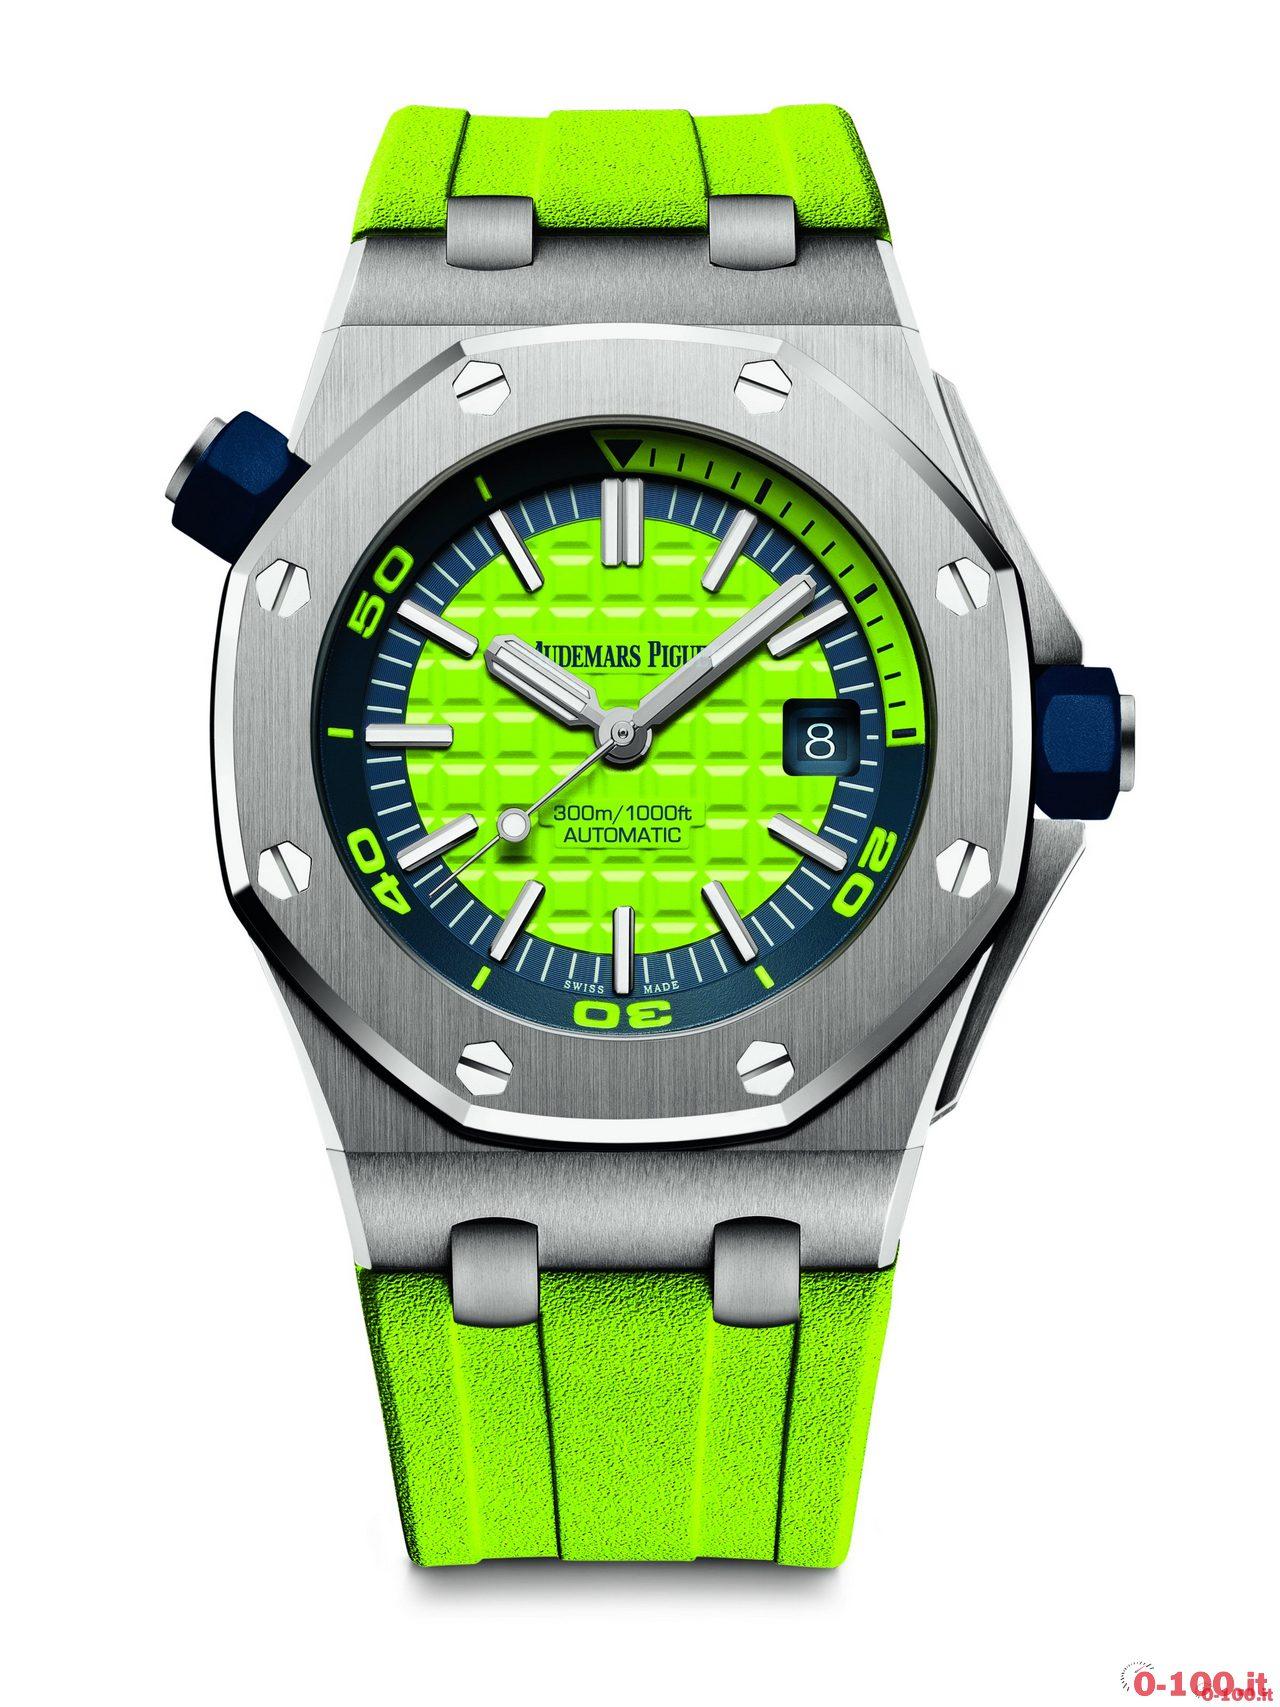 sihh_2017_audemars-piguet-royal-oak-offshore-diver-prezzi-price_0-10019